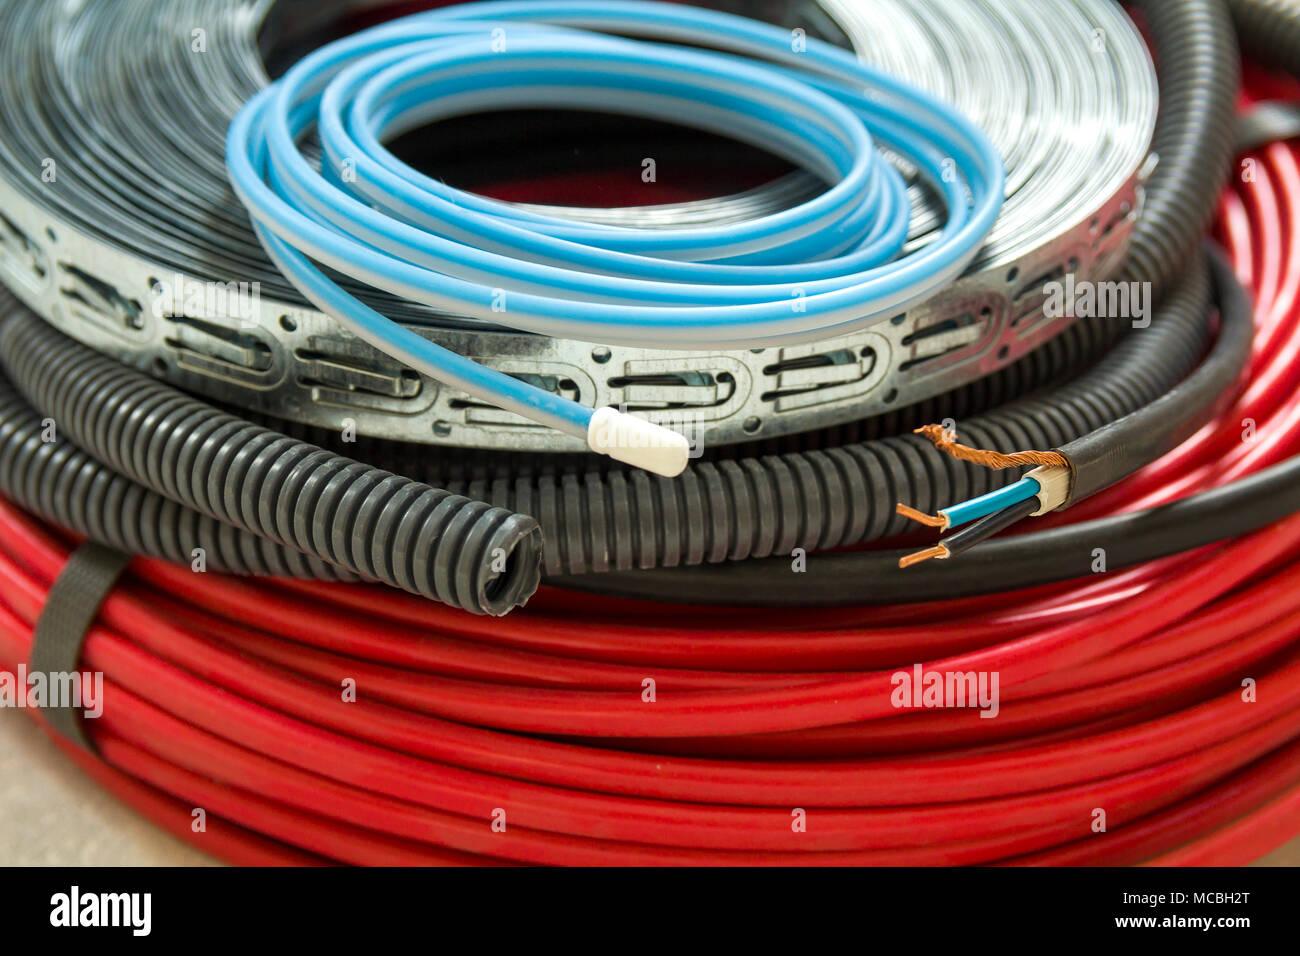 Ristrutturazione Riscaldamento A Pavimento riscaldamento a pavimento i fili del sistema di cavi e